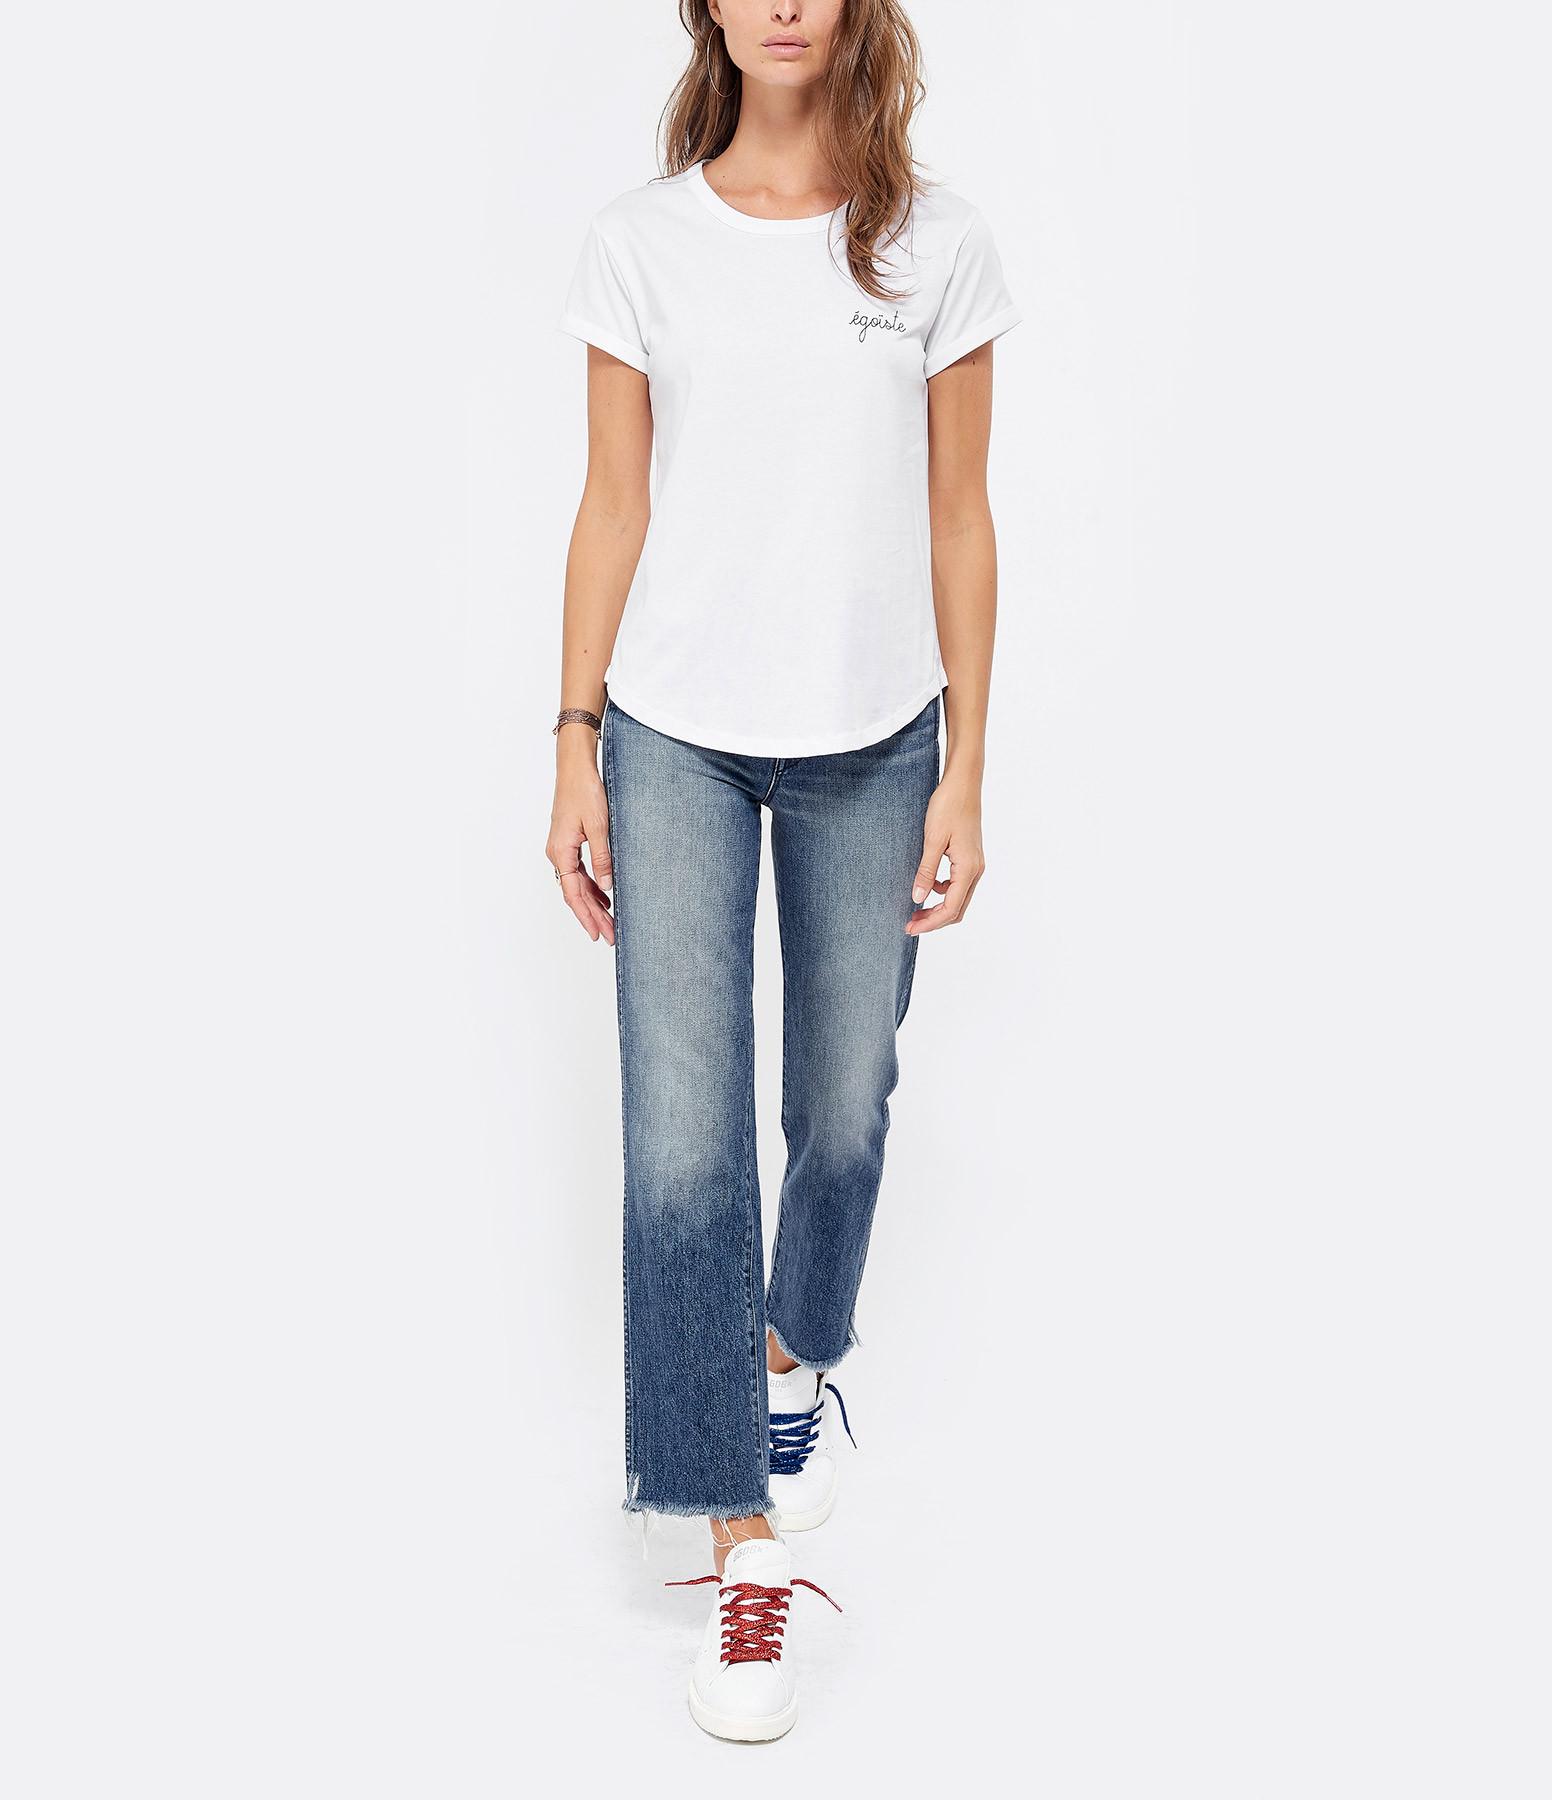 MAISON LABICHE - Tee-shirt Egoïste Blanc Bleu